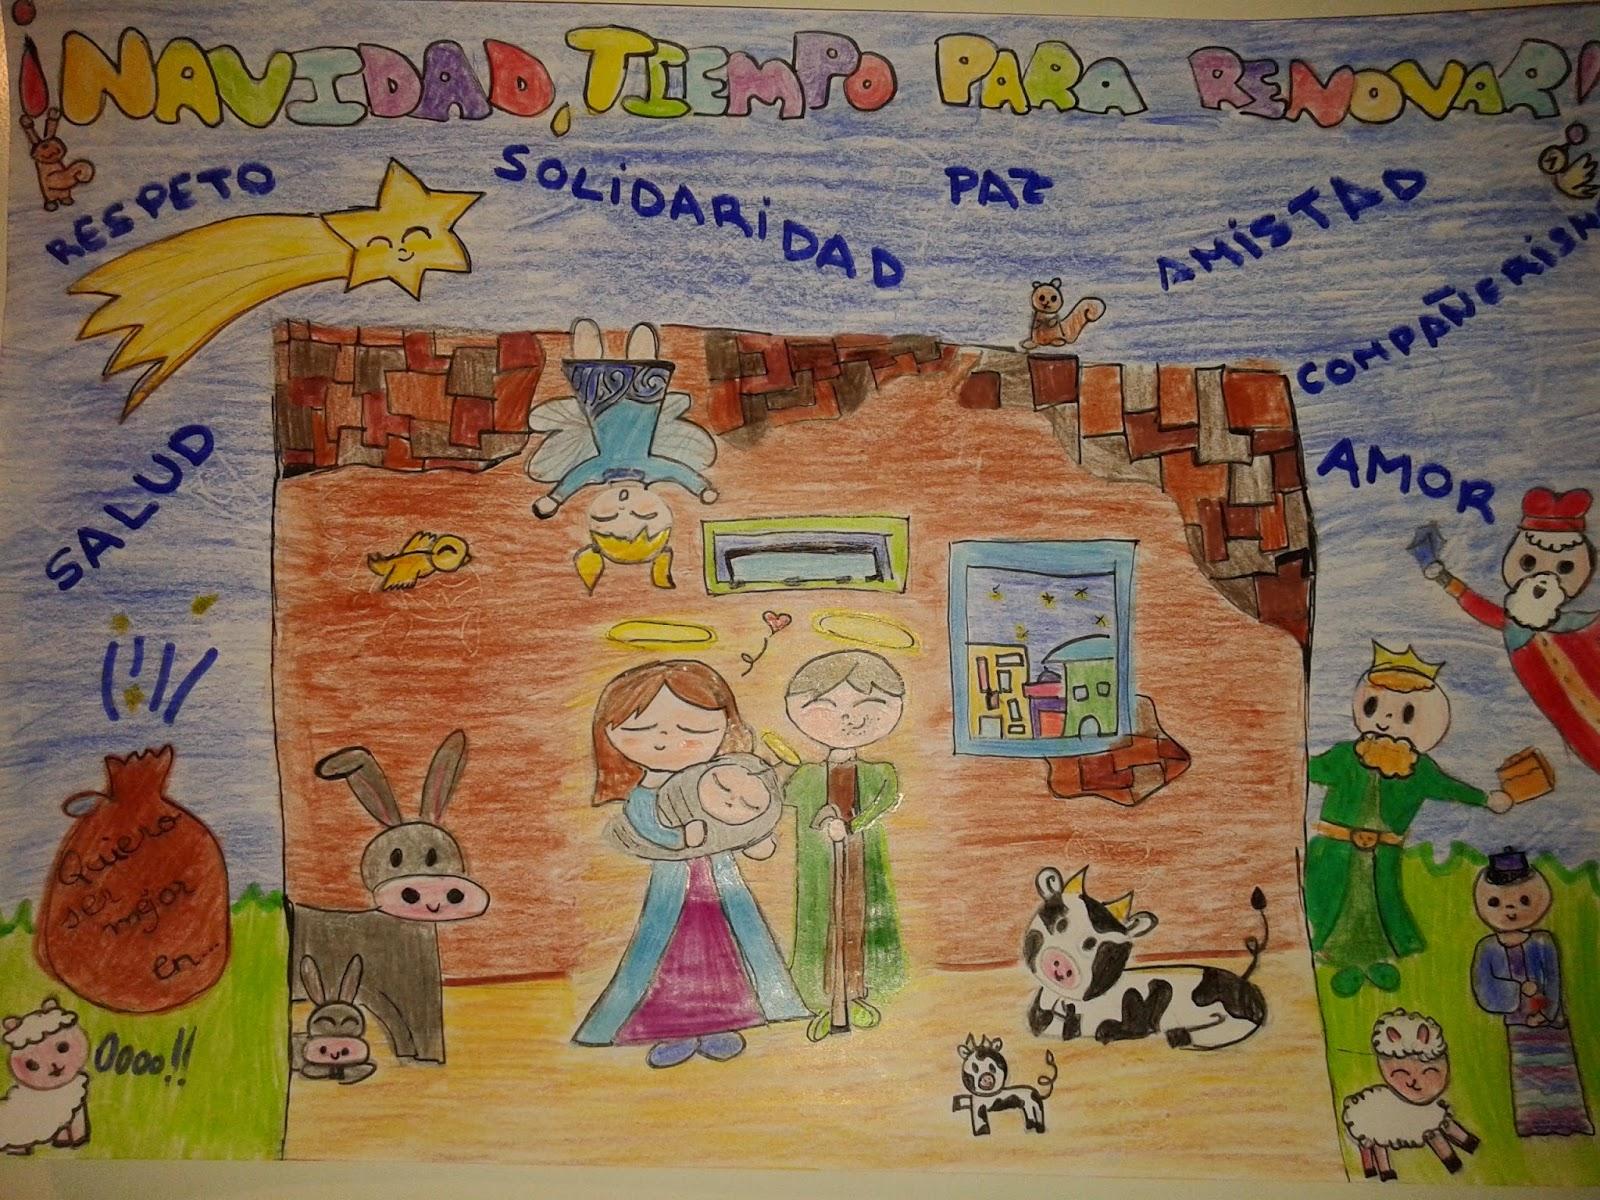 Anachicuca s bados chicucos diciembre - Postales de navidad hechas por ninos ...